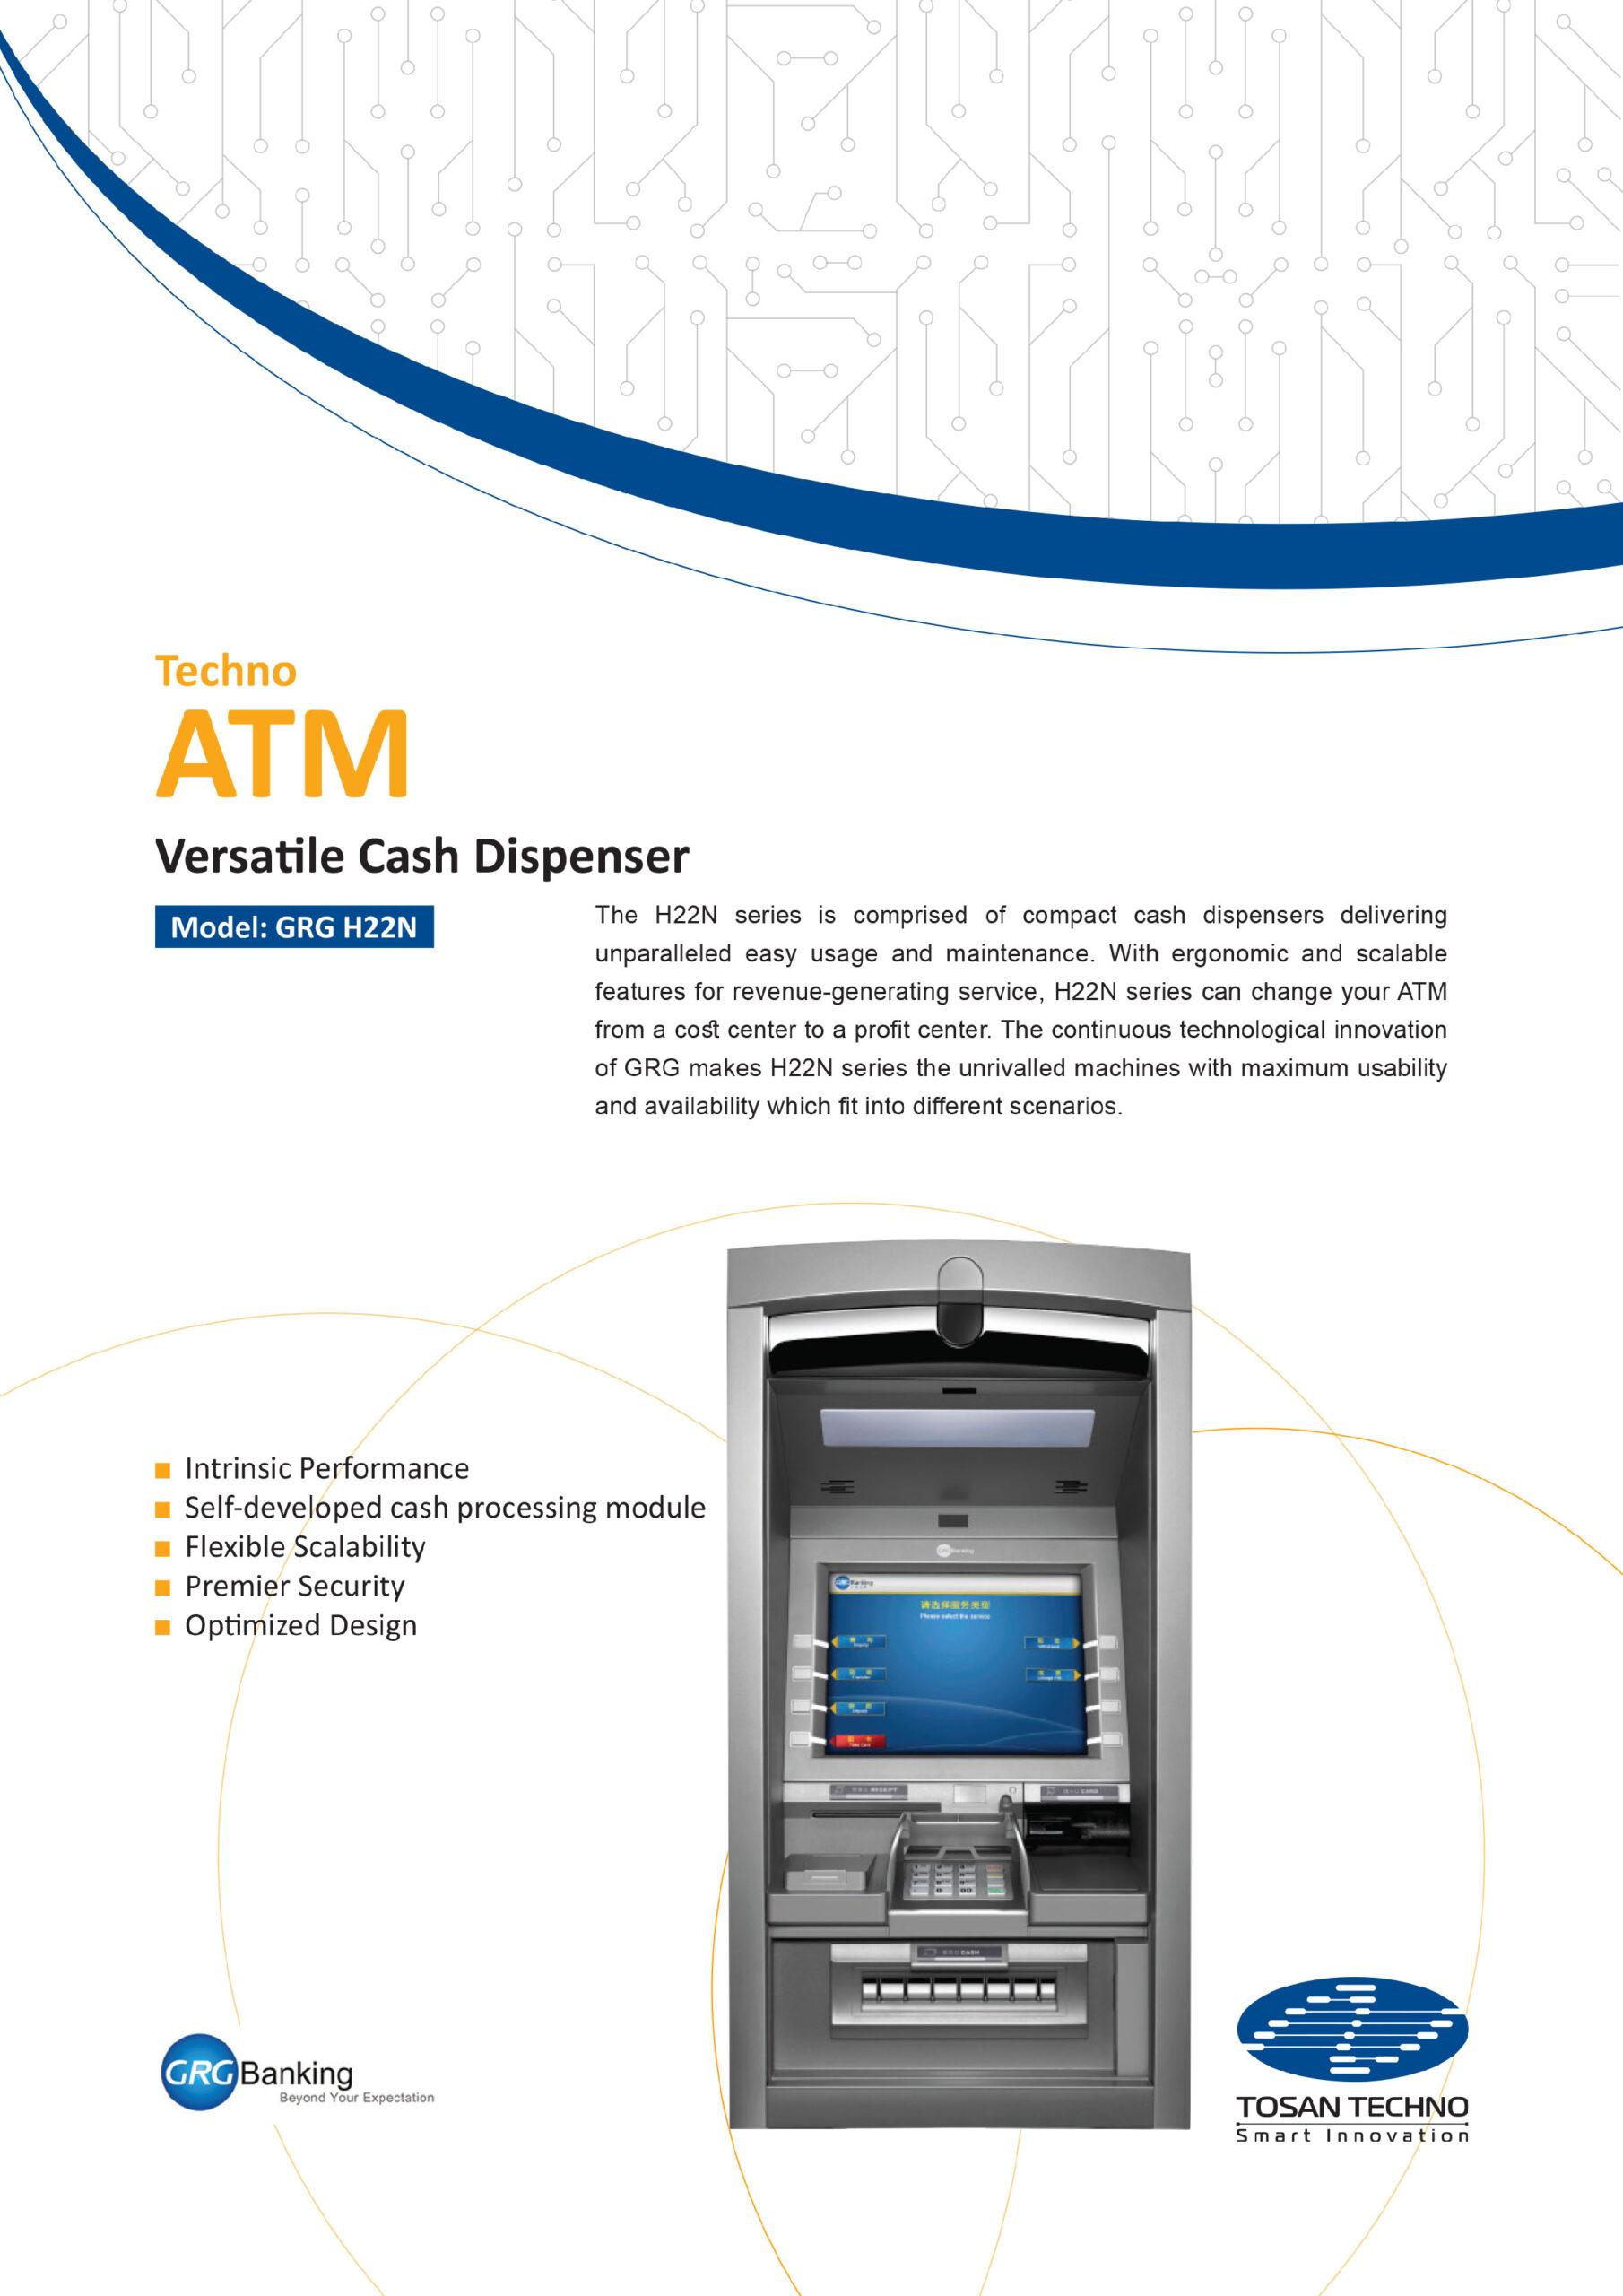 TECHNO-ATM-GRG-H22N F